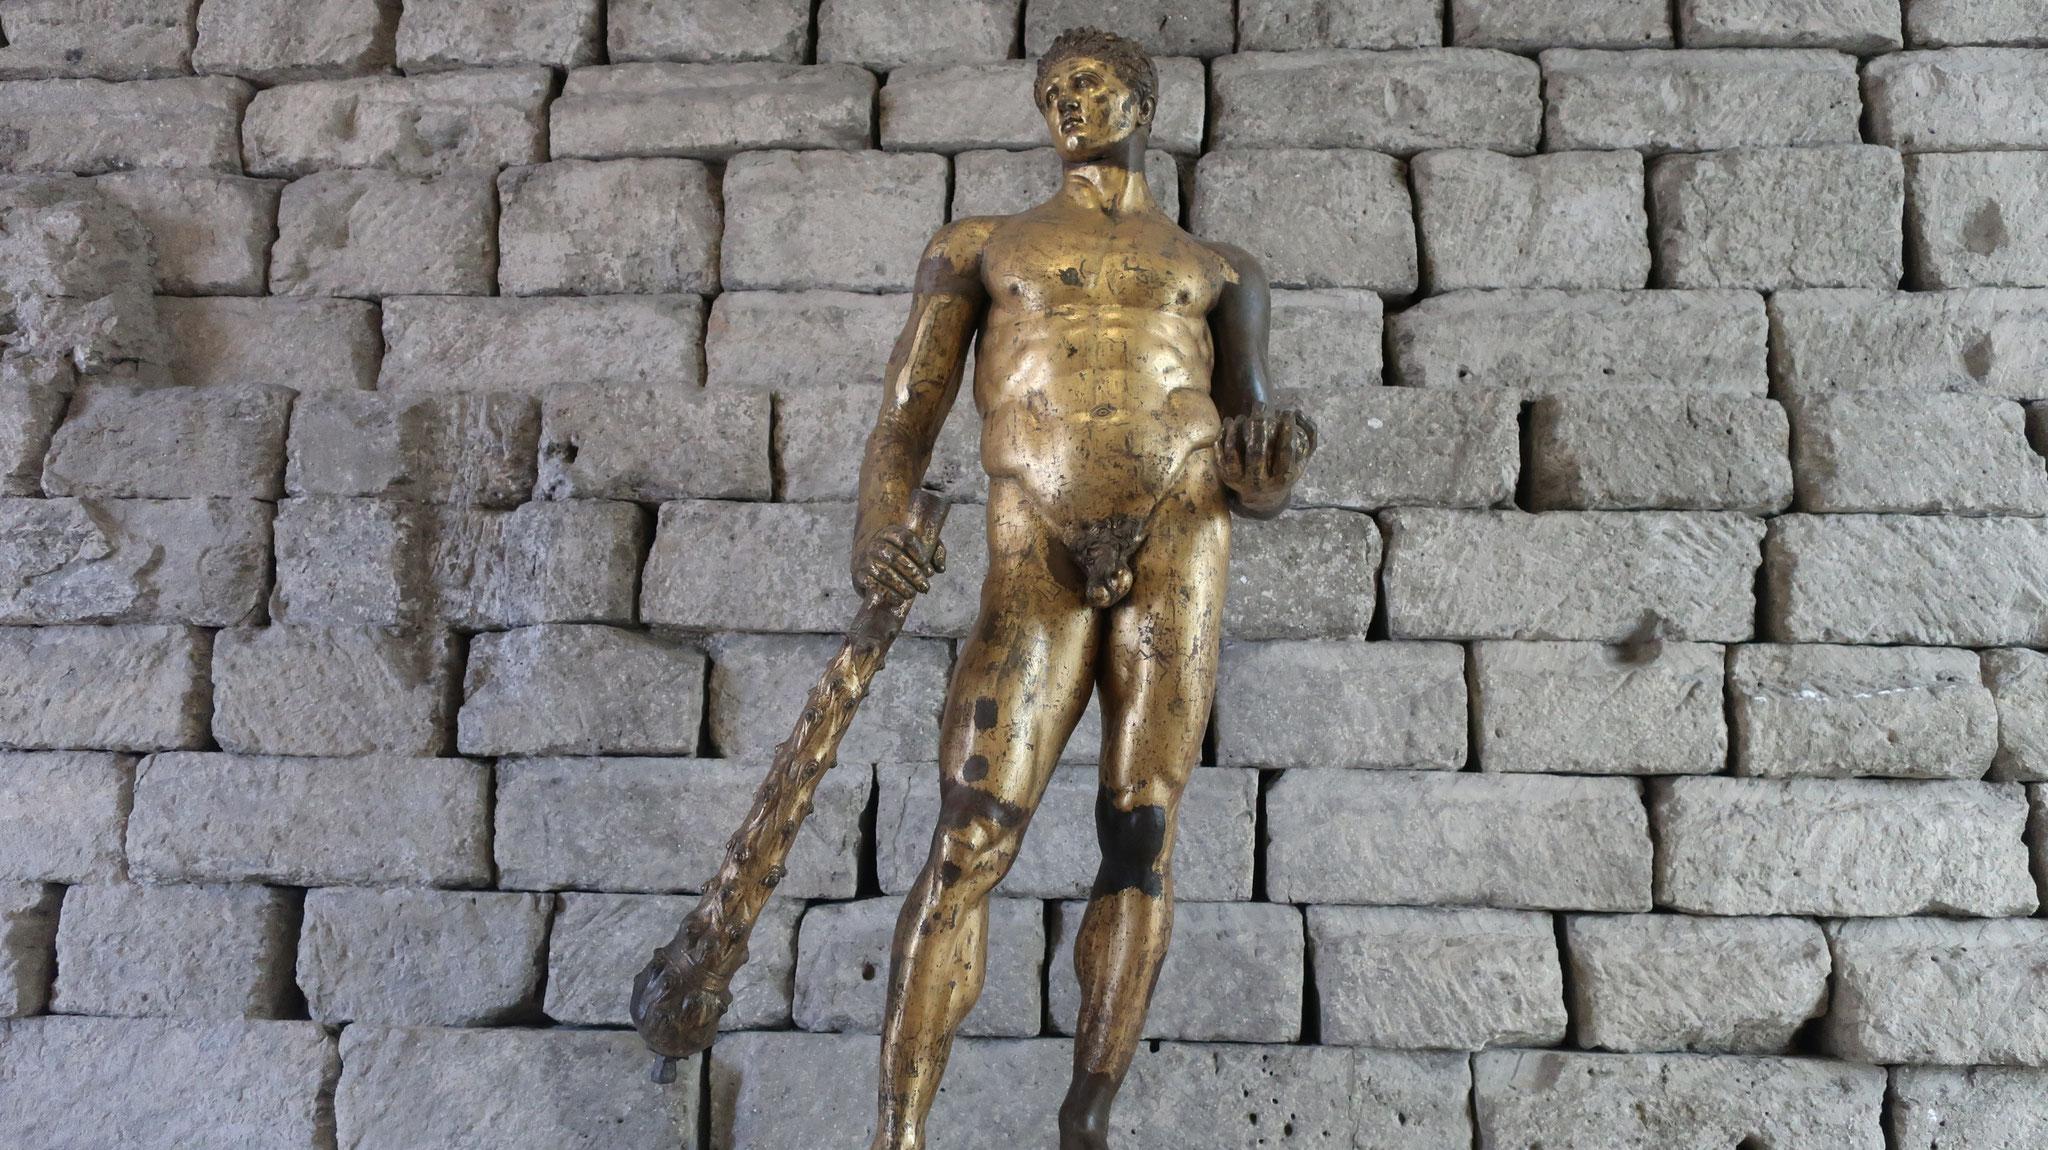 黄金色のヘラクレス像